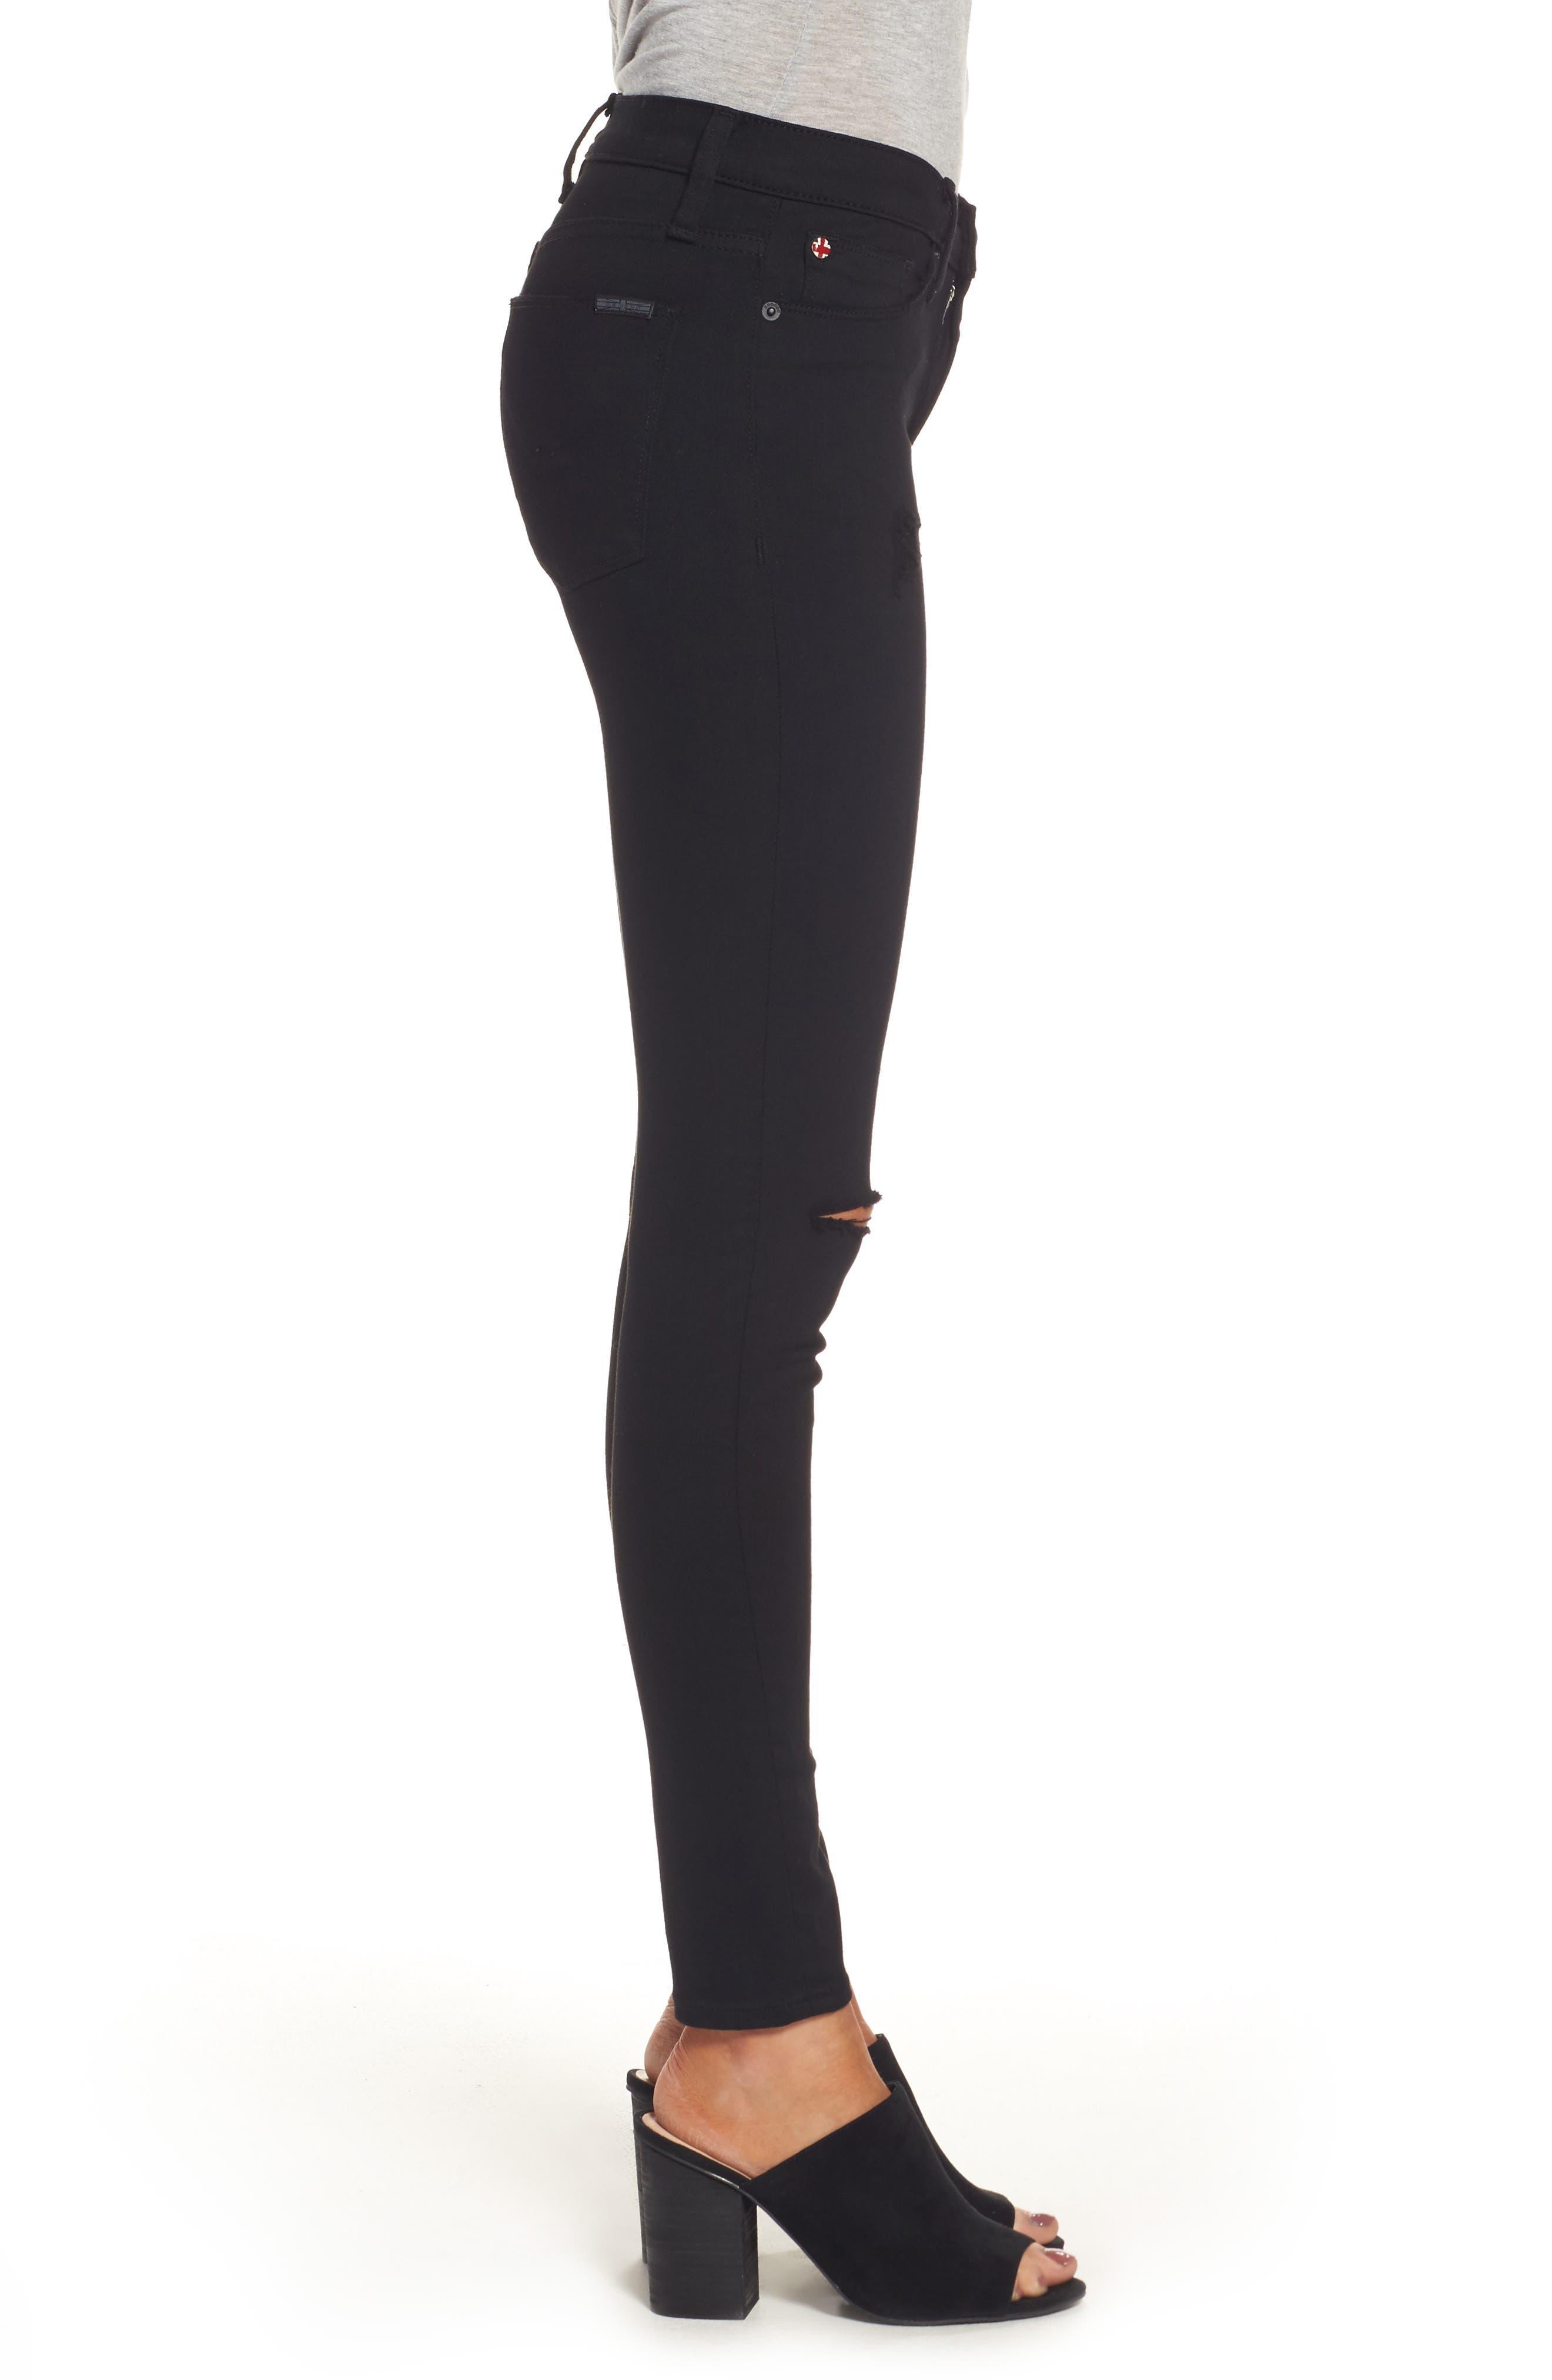 Alternate Image 3  - Hudson Jeans 'Elysian - Nico' Super Skinny Jeans (Destructed Black) (Nordstrom Exclusive)